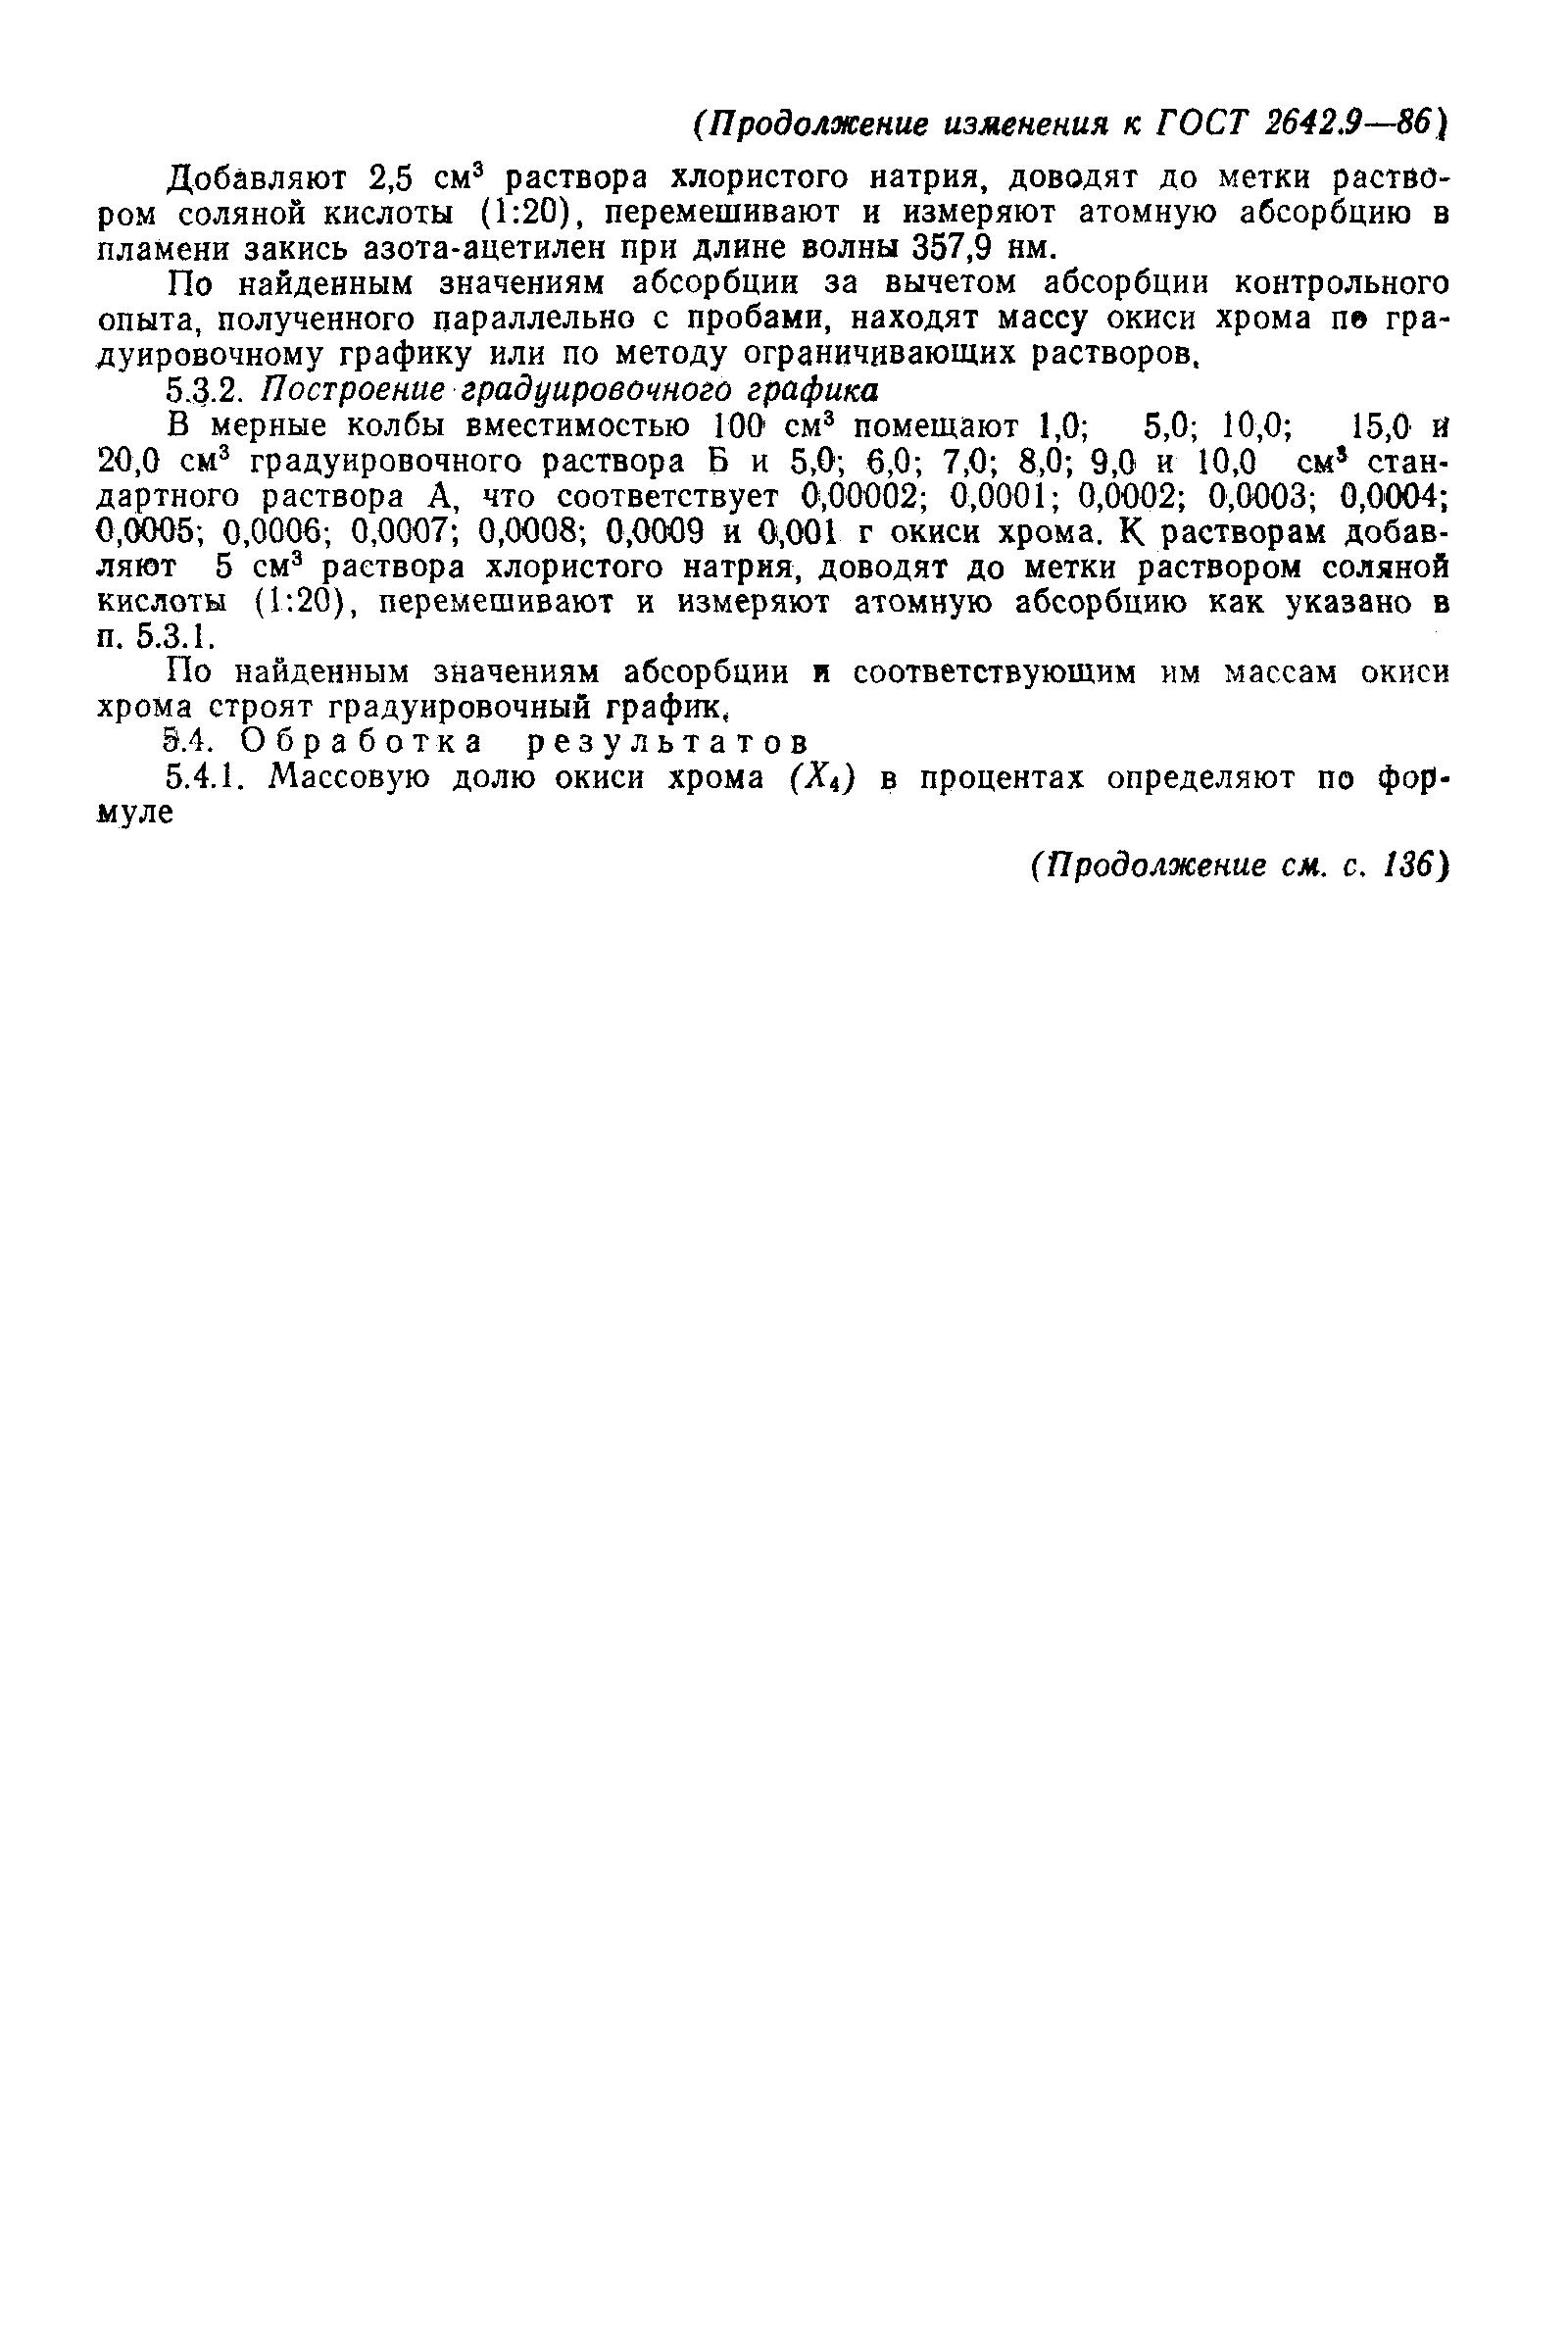 ГОСТ 2642.9-86. Страница 12